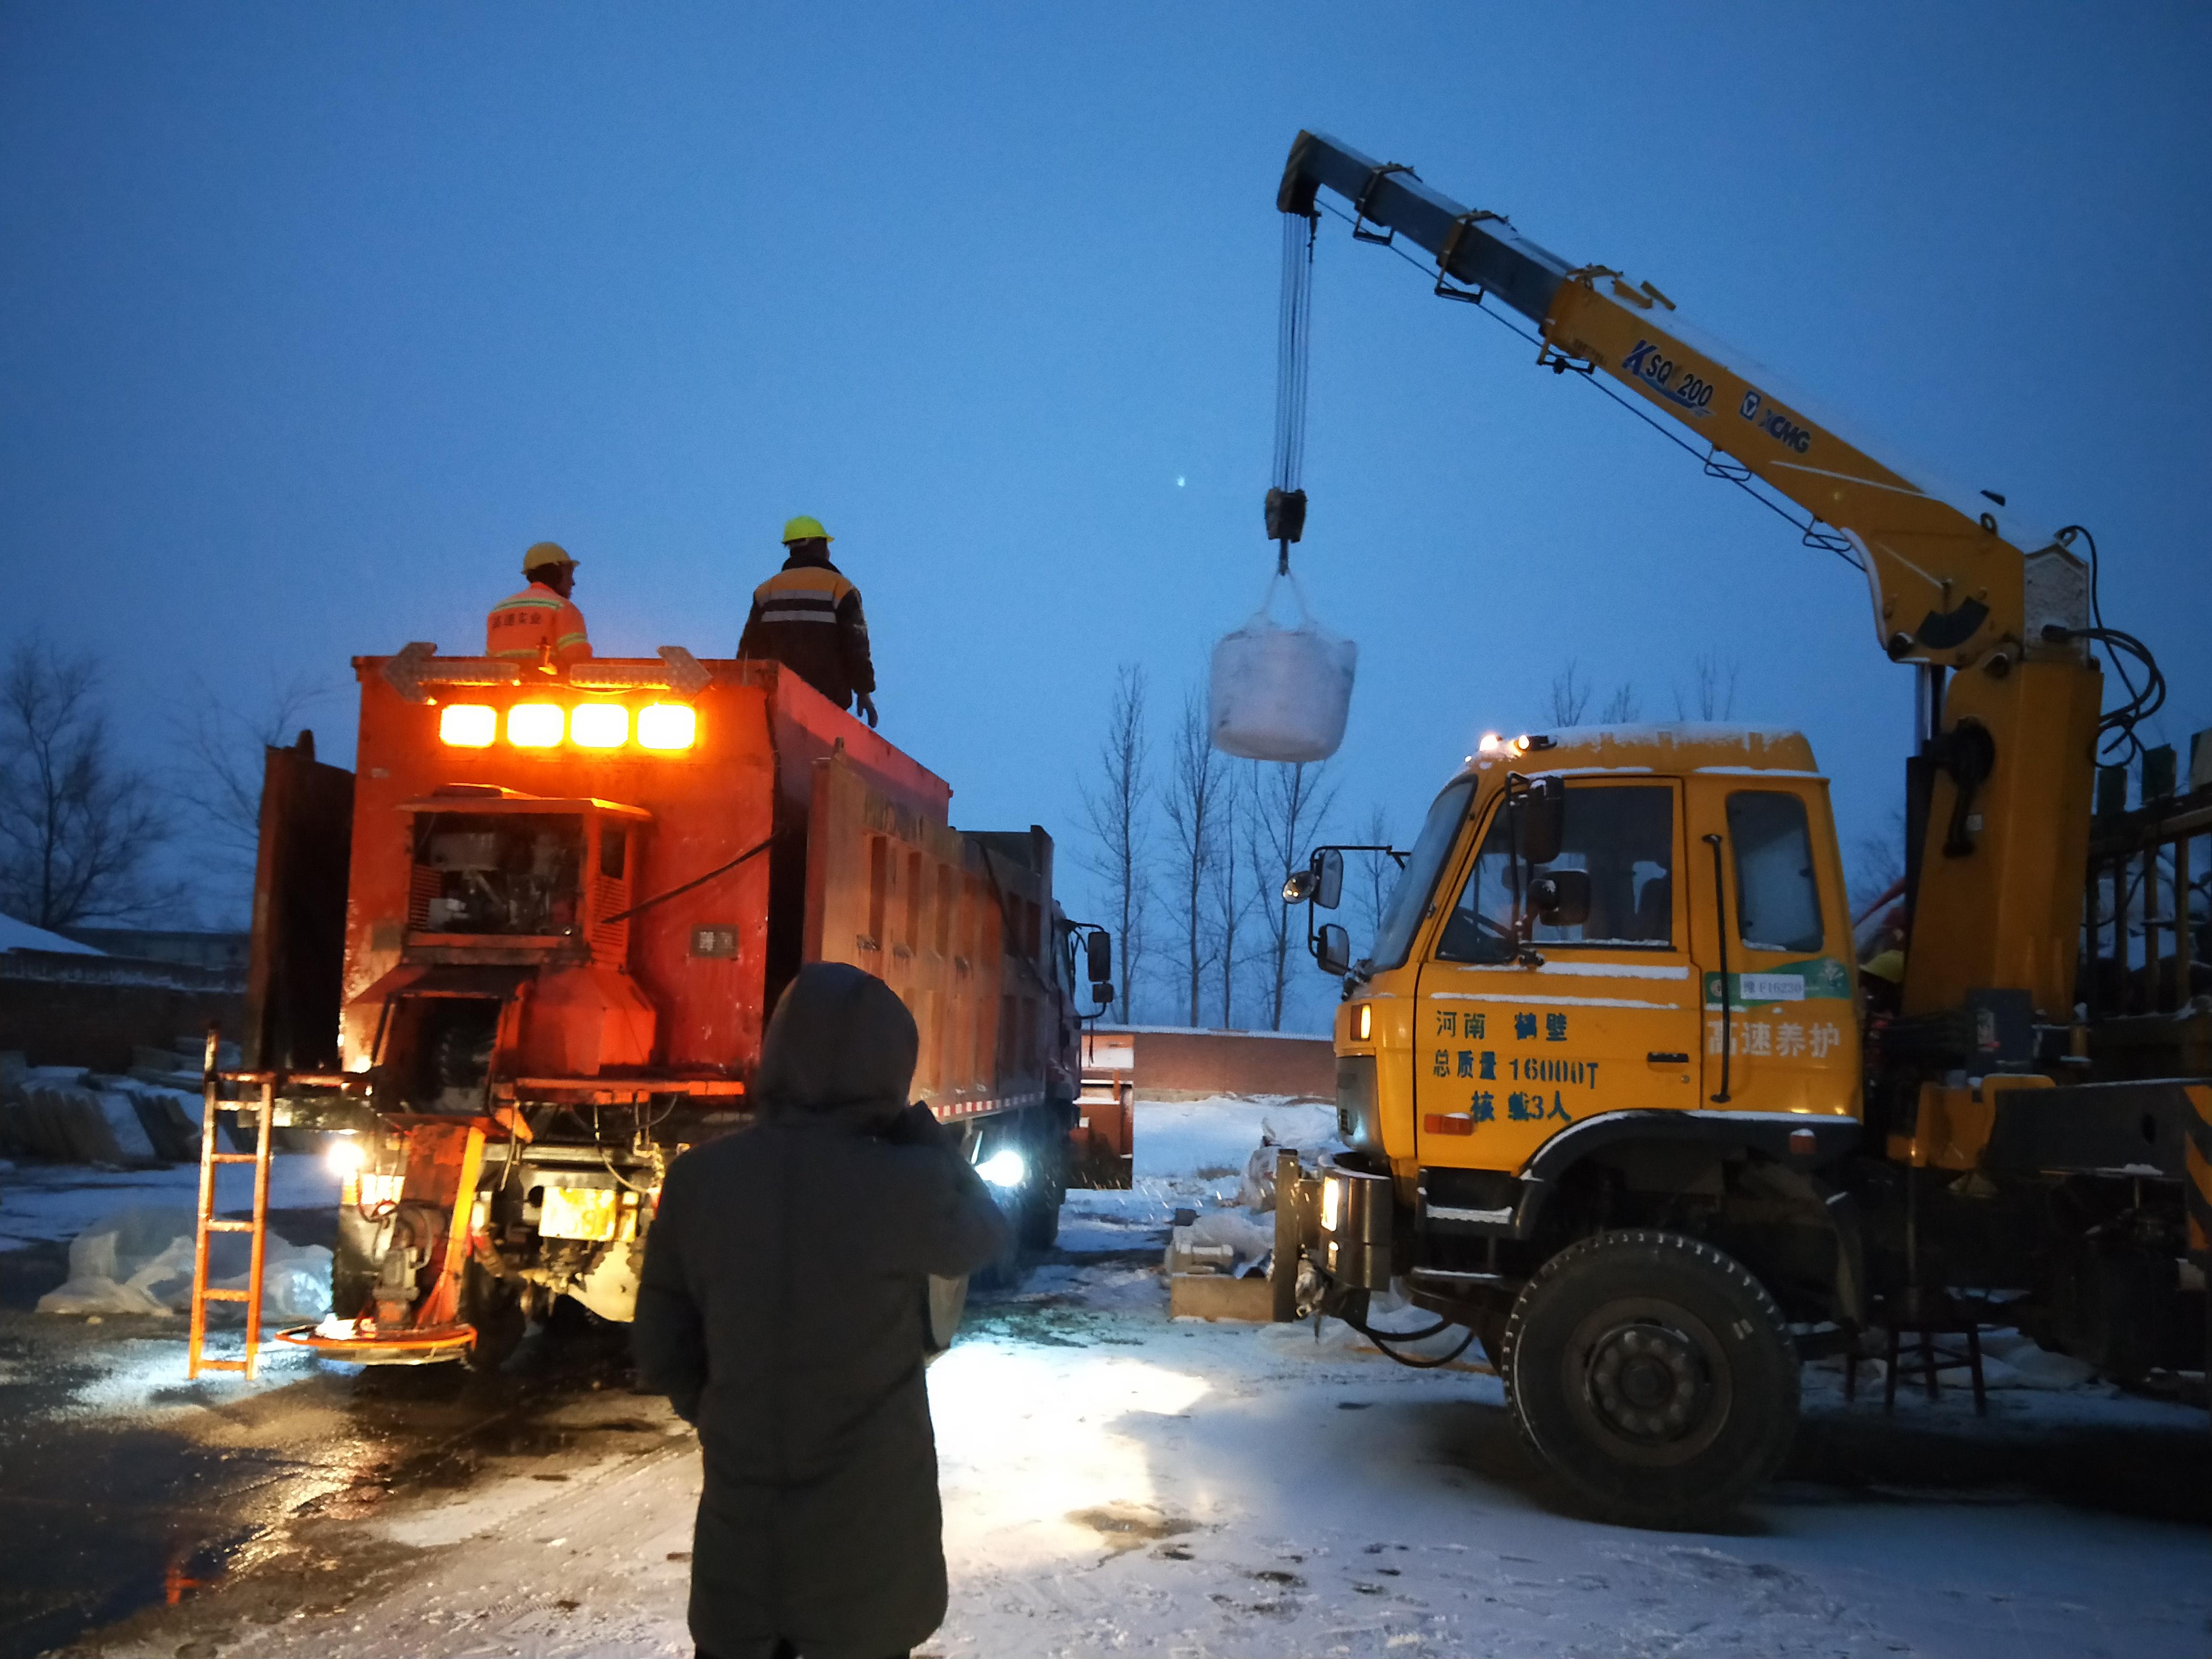 豫北卫辉工区2月10日吊装融雪剂和重点部位人工撒布 (1).jpg